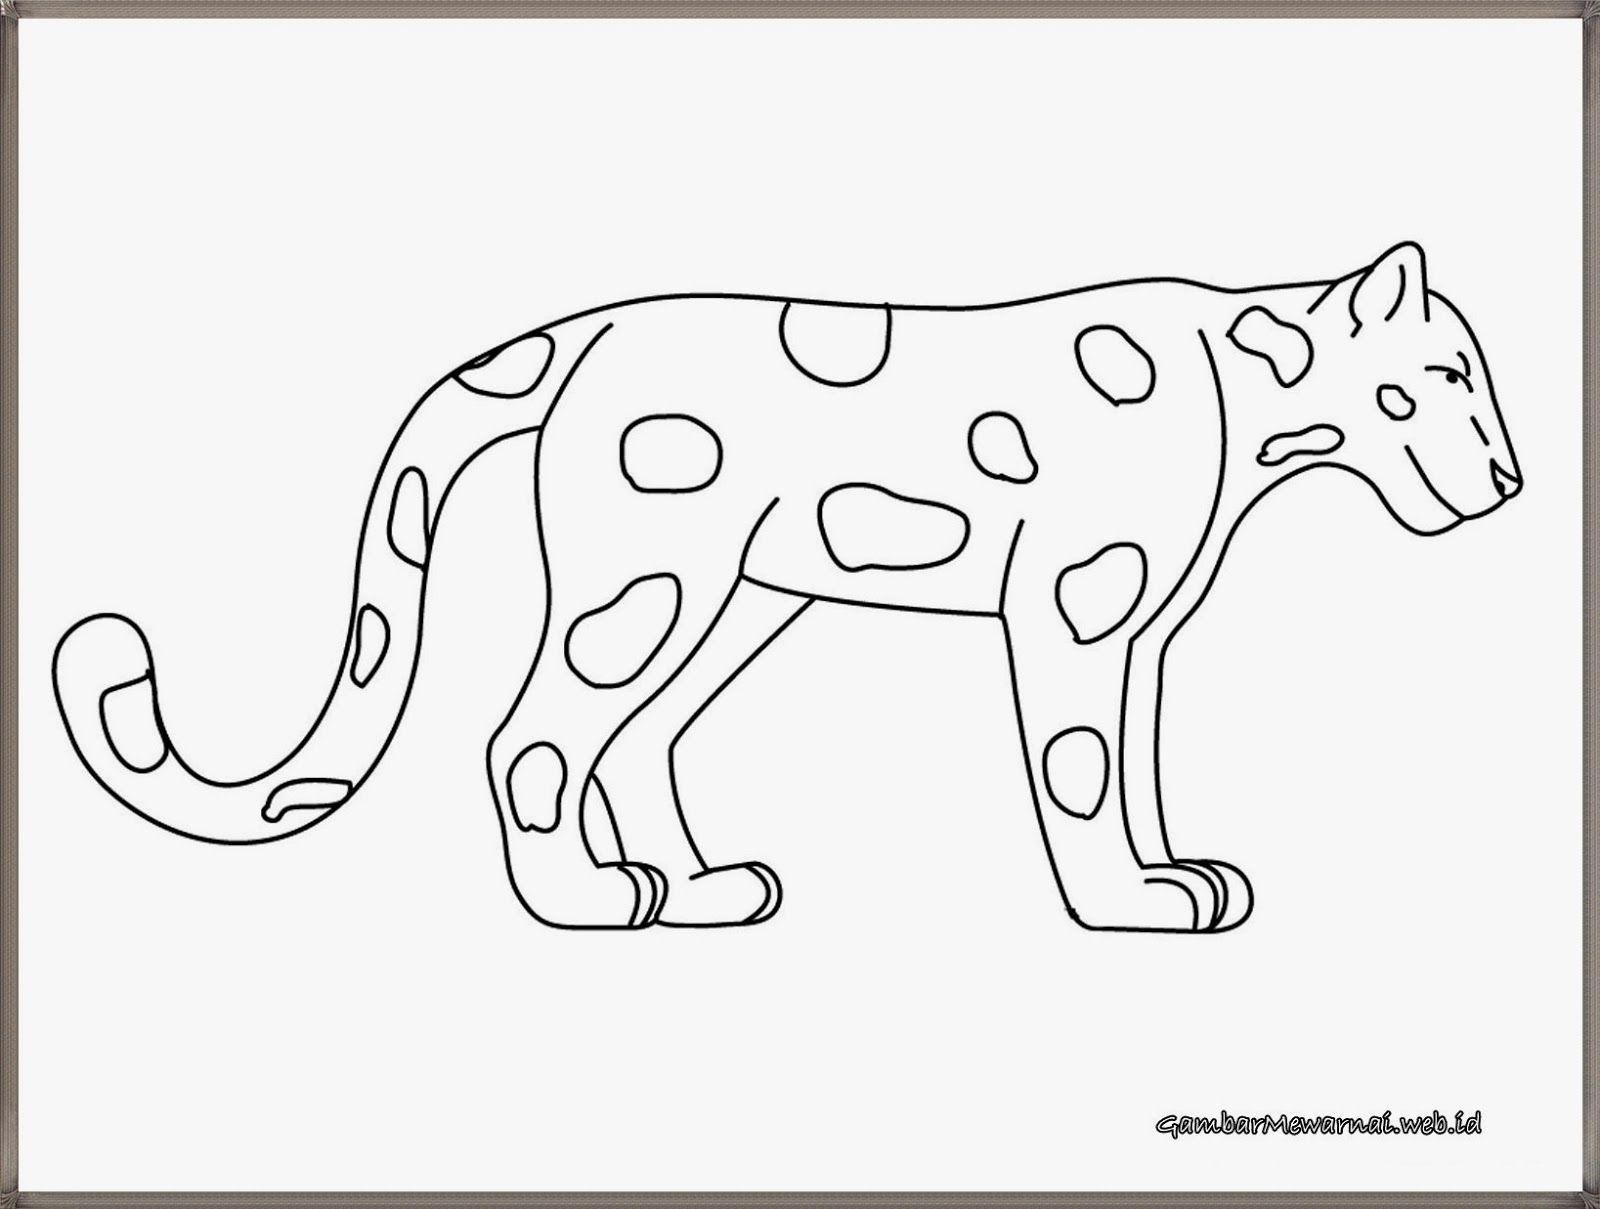 Gambar Bintang Harimau Untuk Mewarnai Gambar Hewan Halaman